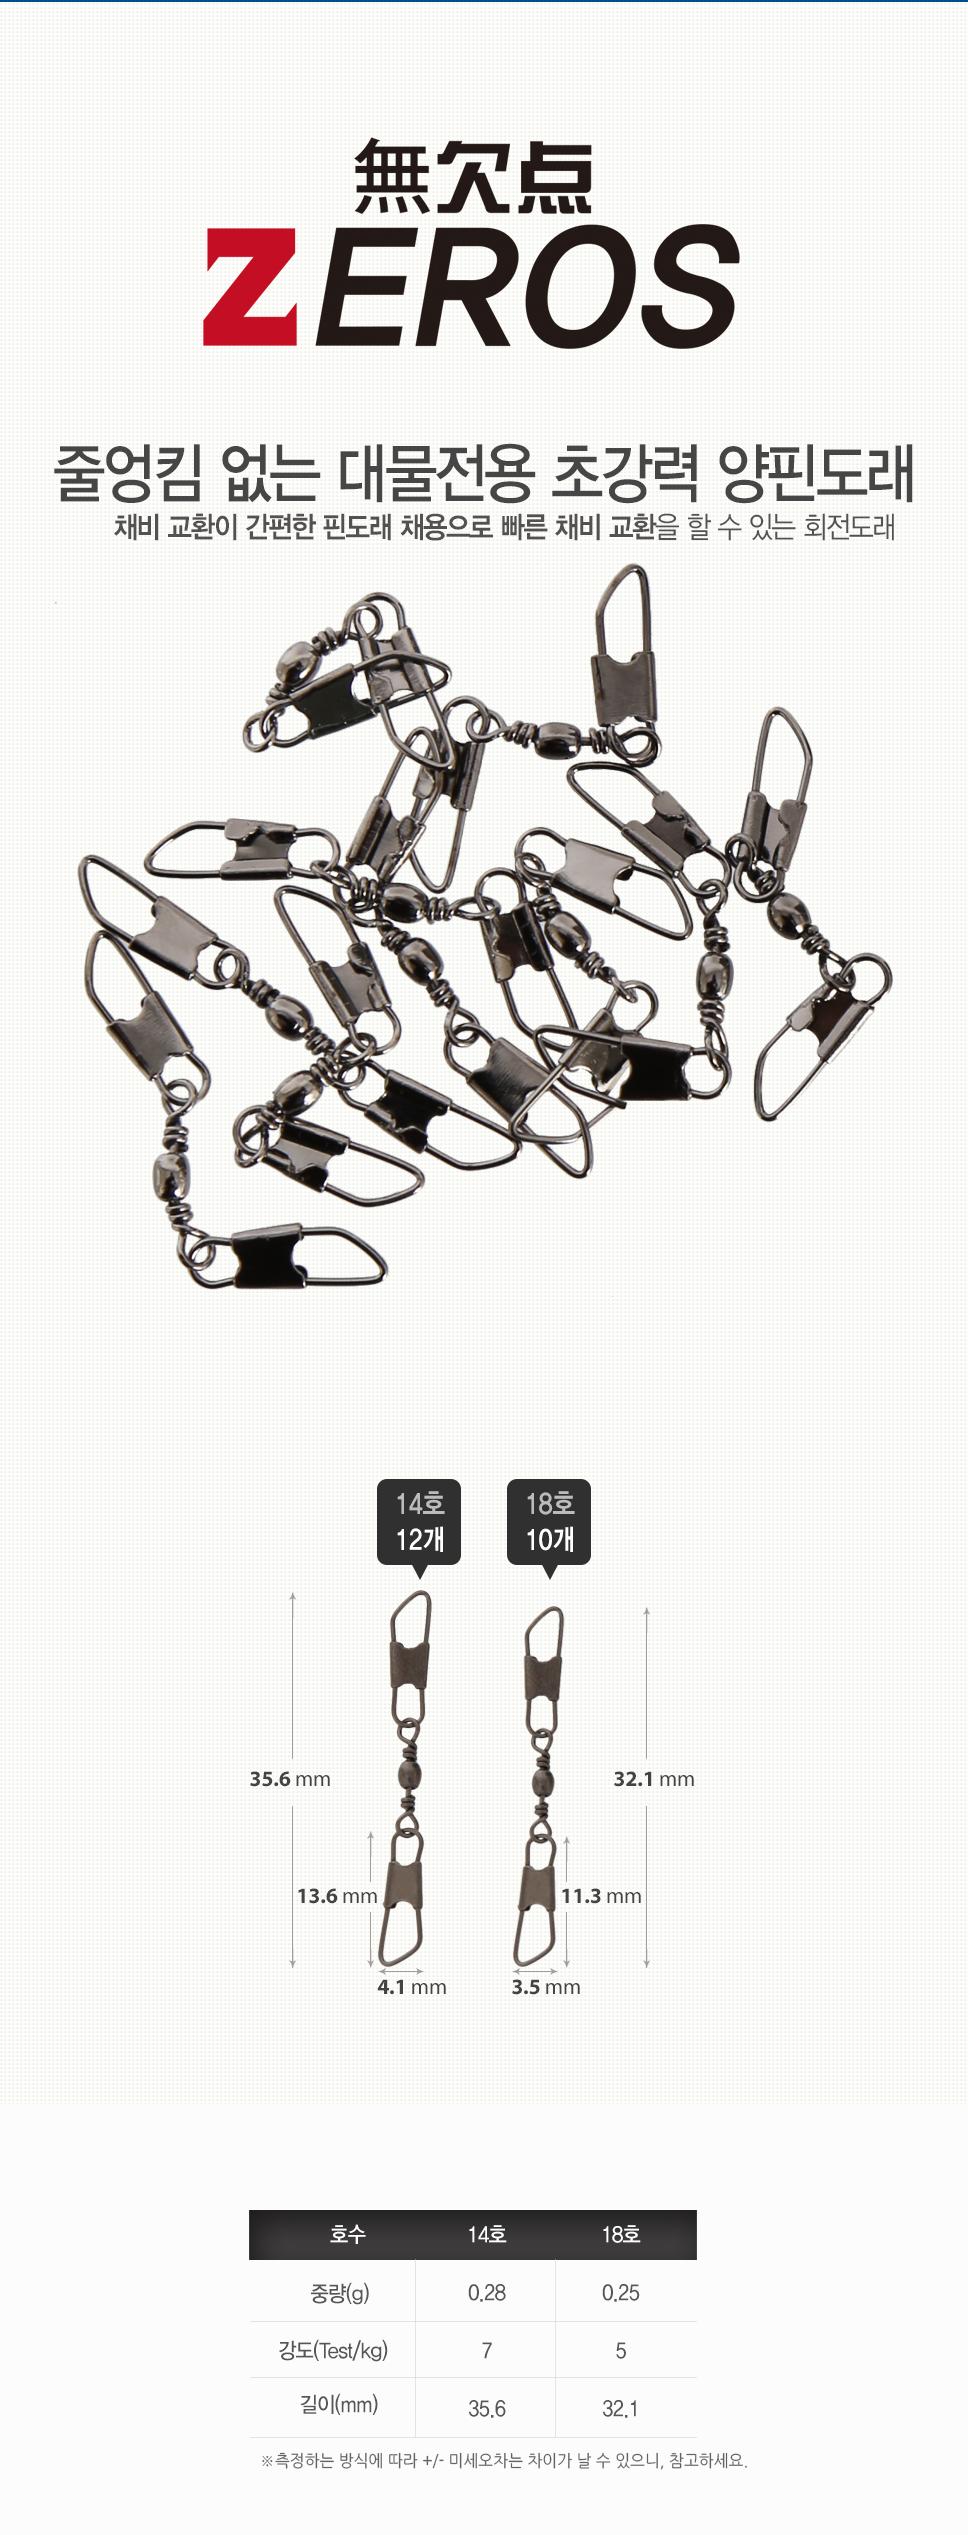 제로스 더블 핀도래 ZE-H1004 특수도래 양쪽도래 낚시채비 채비소품